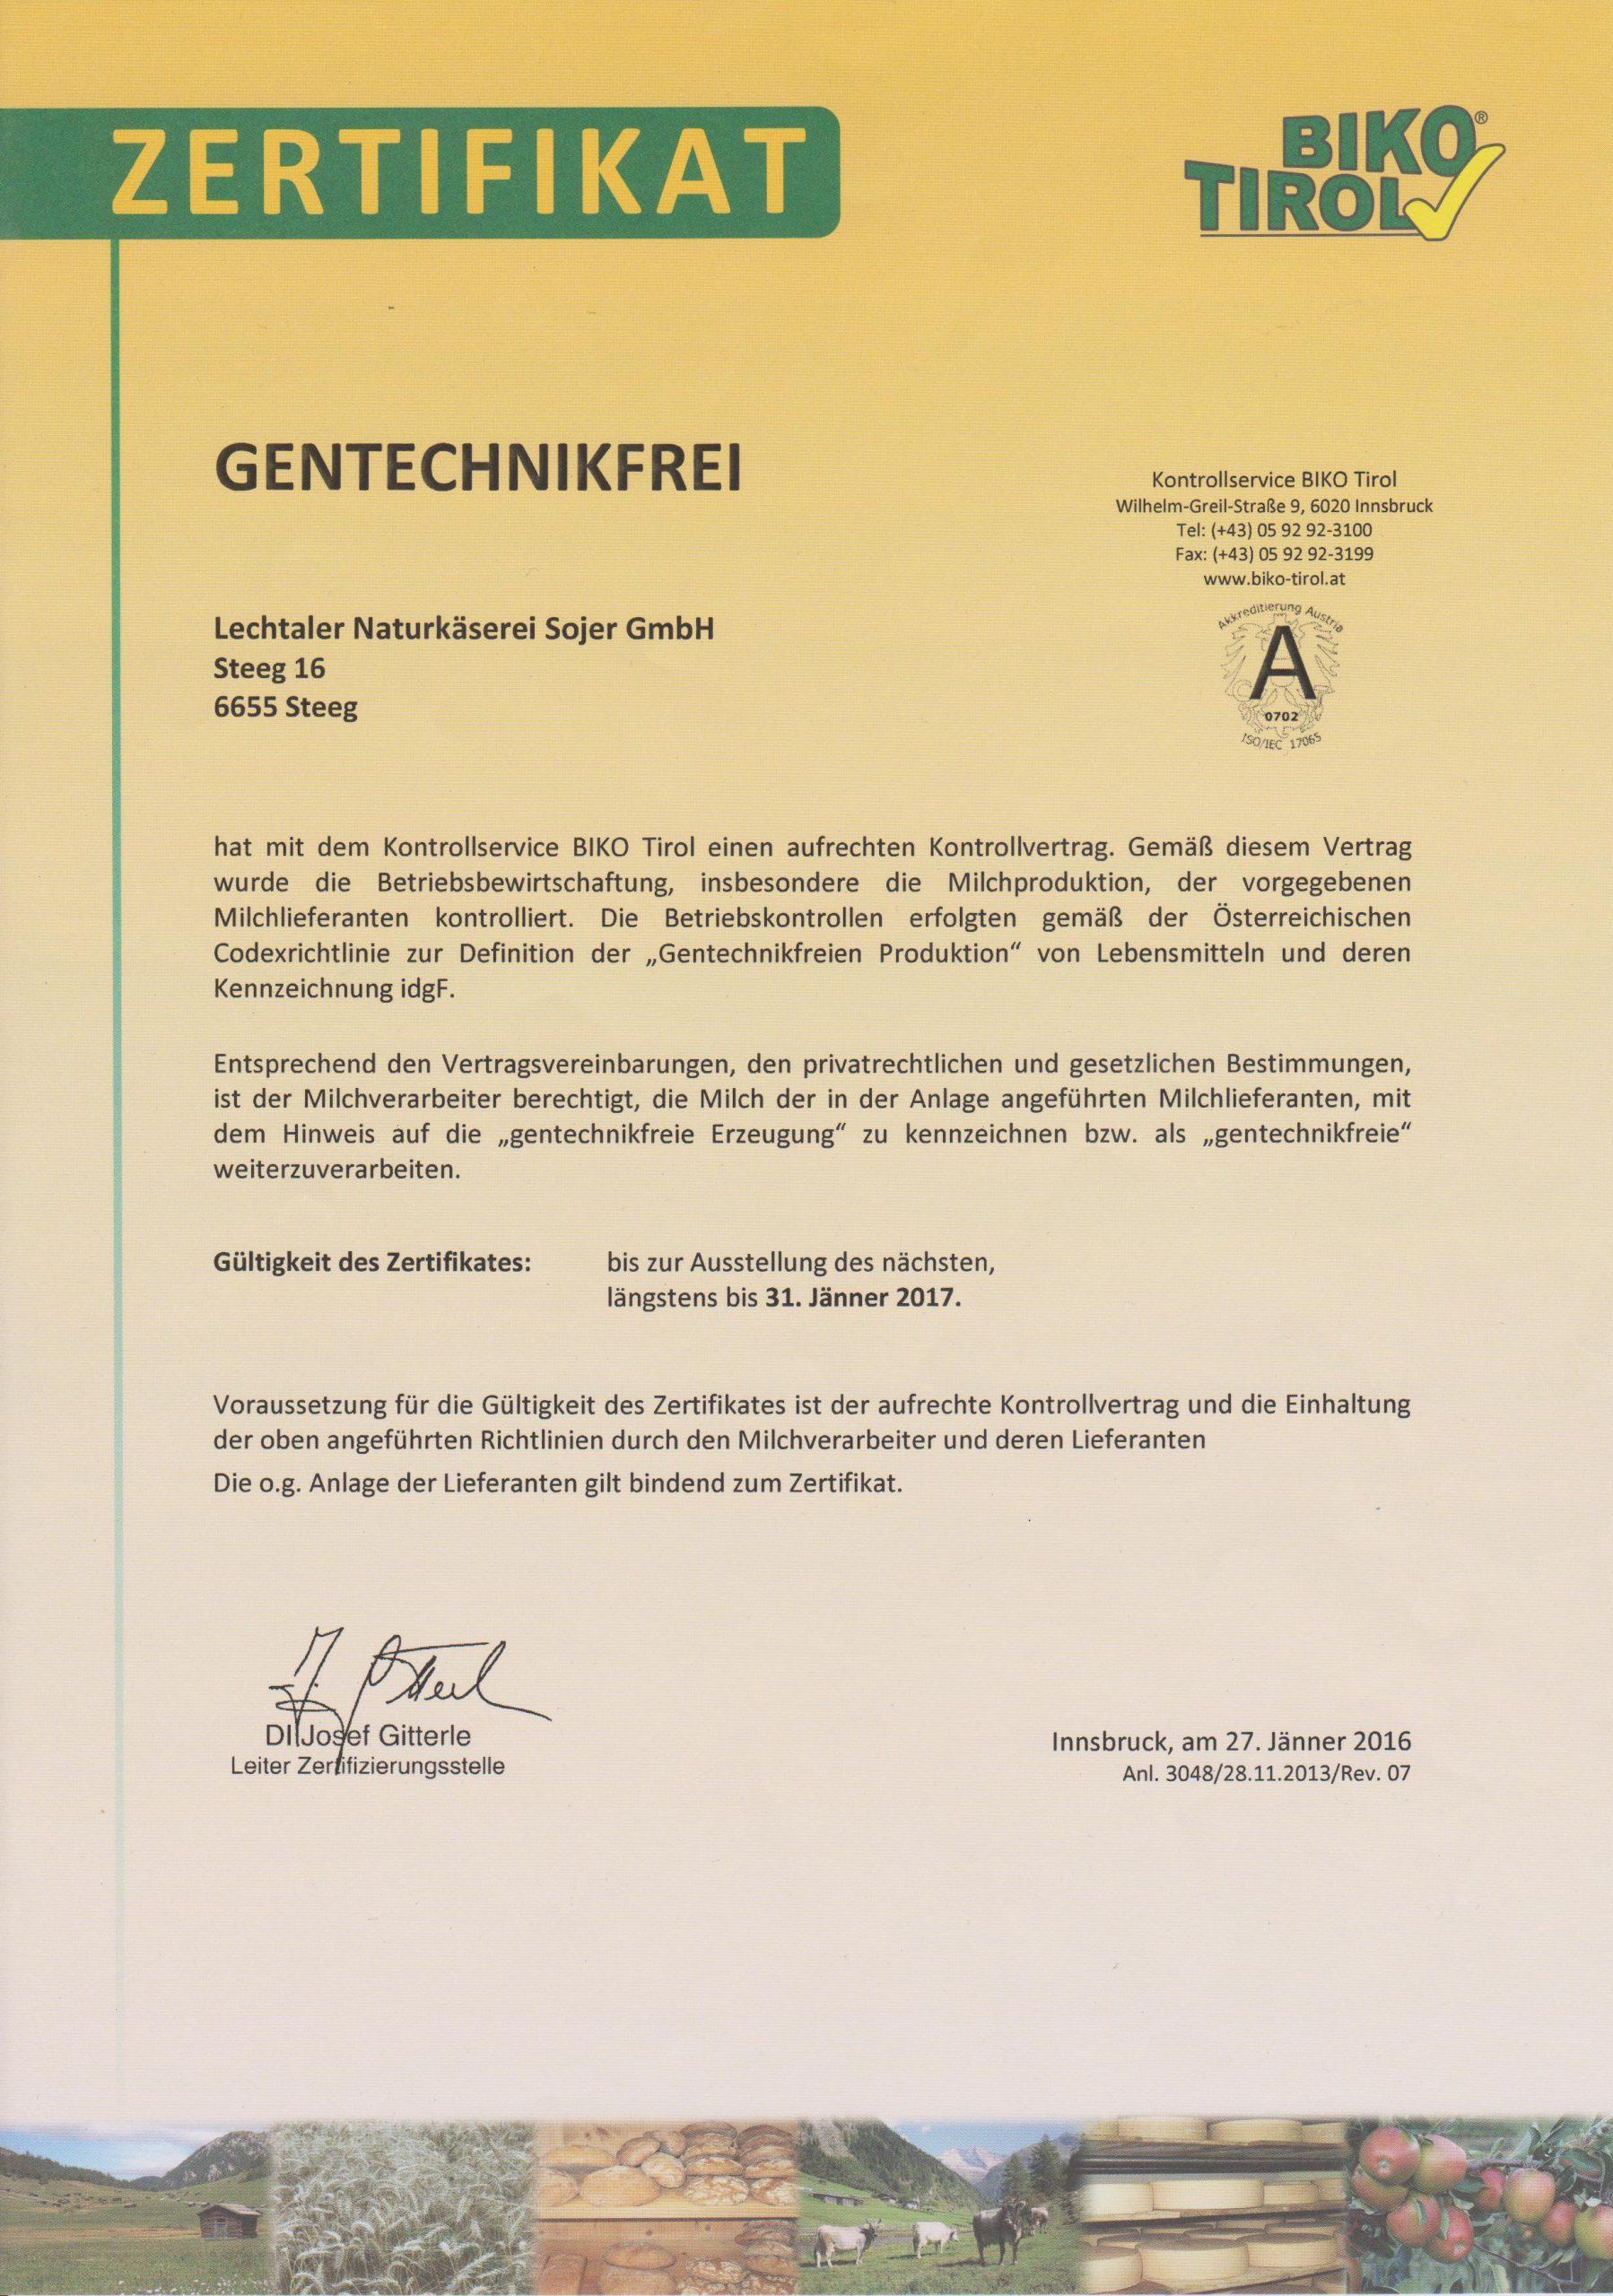 Gentechnikfrei Zertifikat